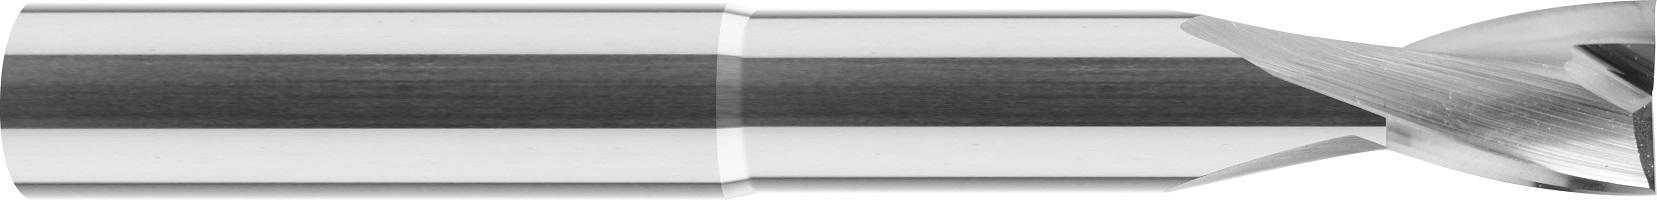 Frez wykańczający, z obniżeniem, Z-2, ALUMINIUM, TWORZYWA, VHM bez pokrycia (605)